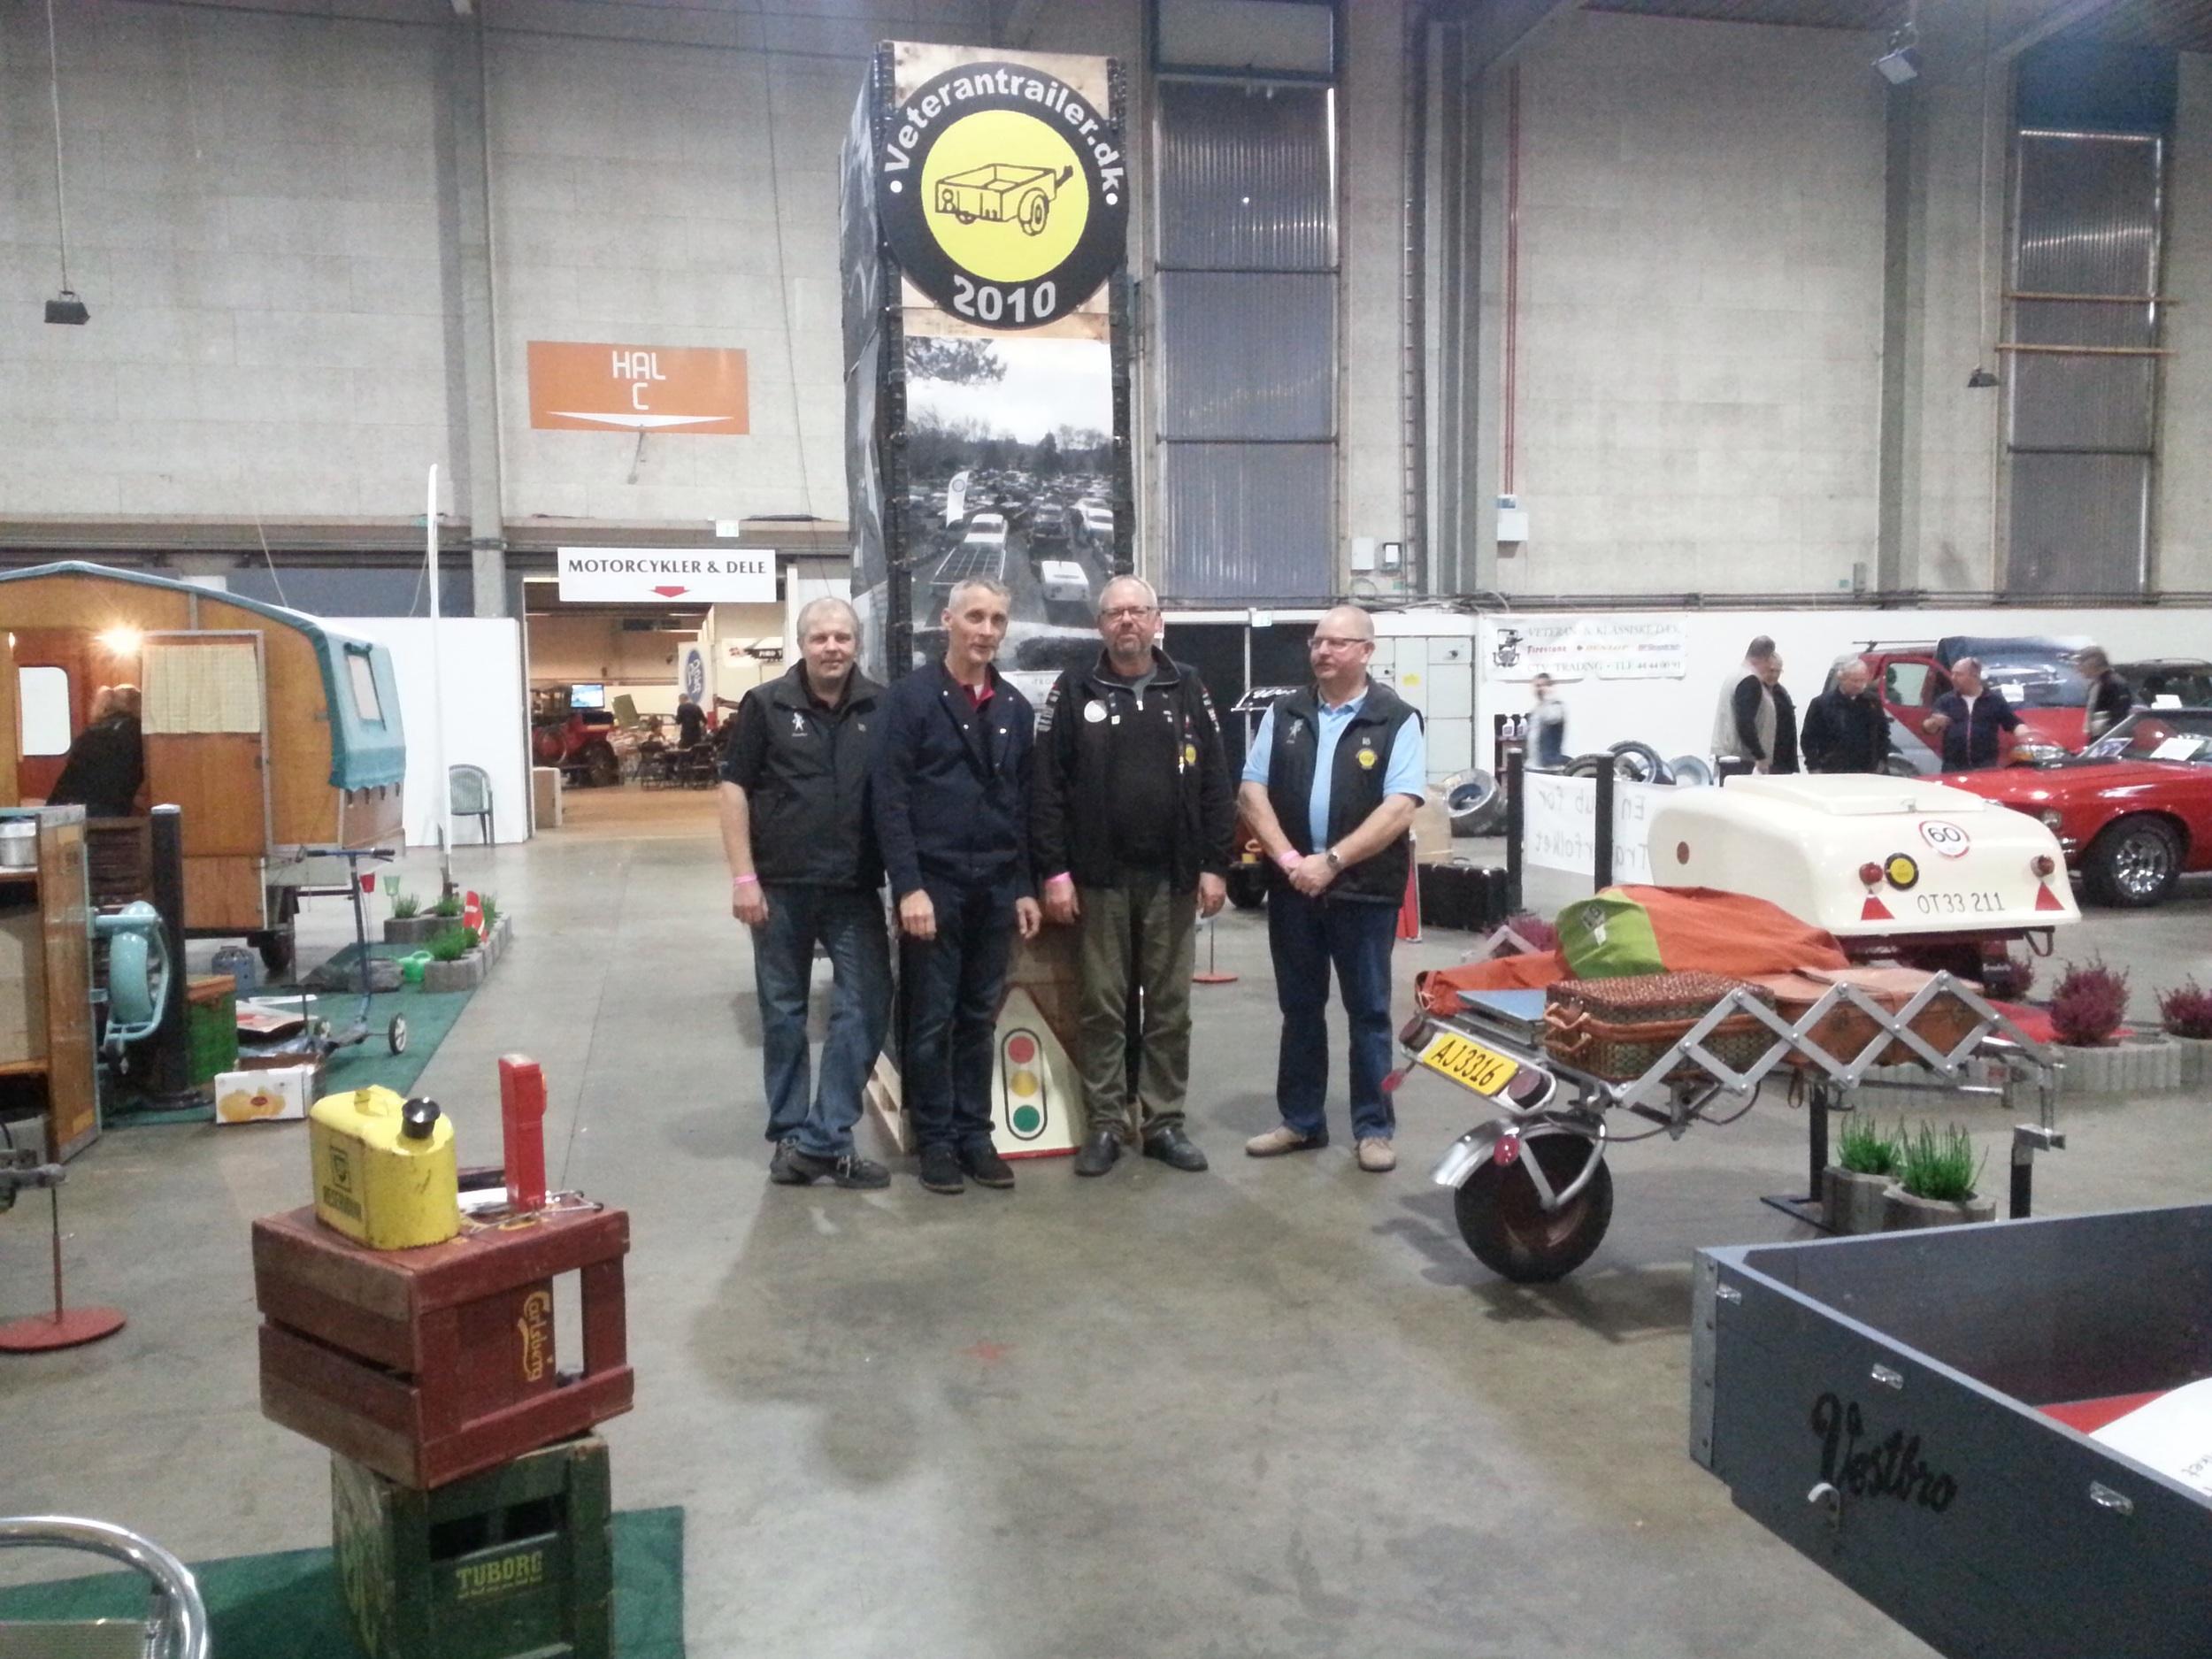 Her er the Dream-team der stod for standen. Fra venstre er det Carsten, Kurt, Poul og Orla.